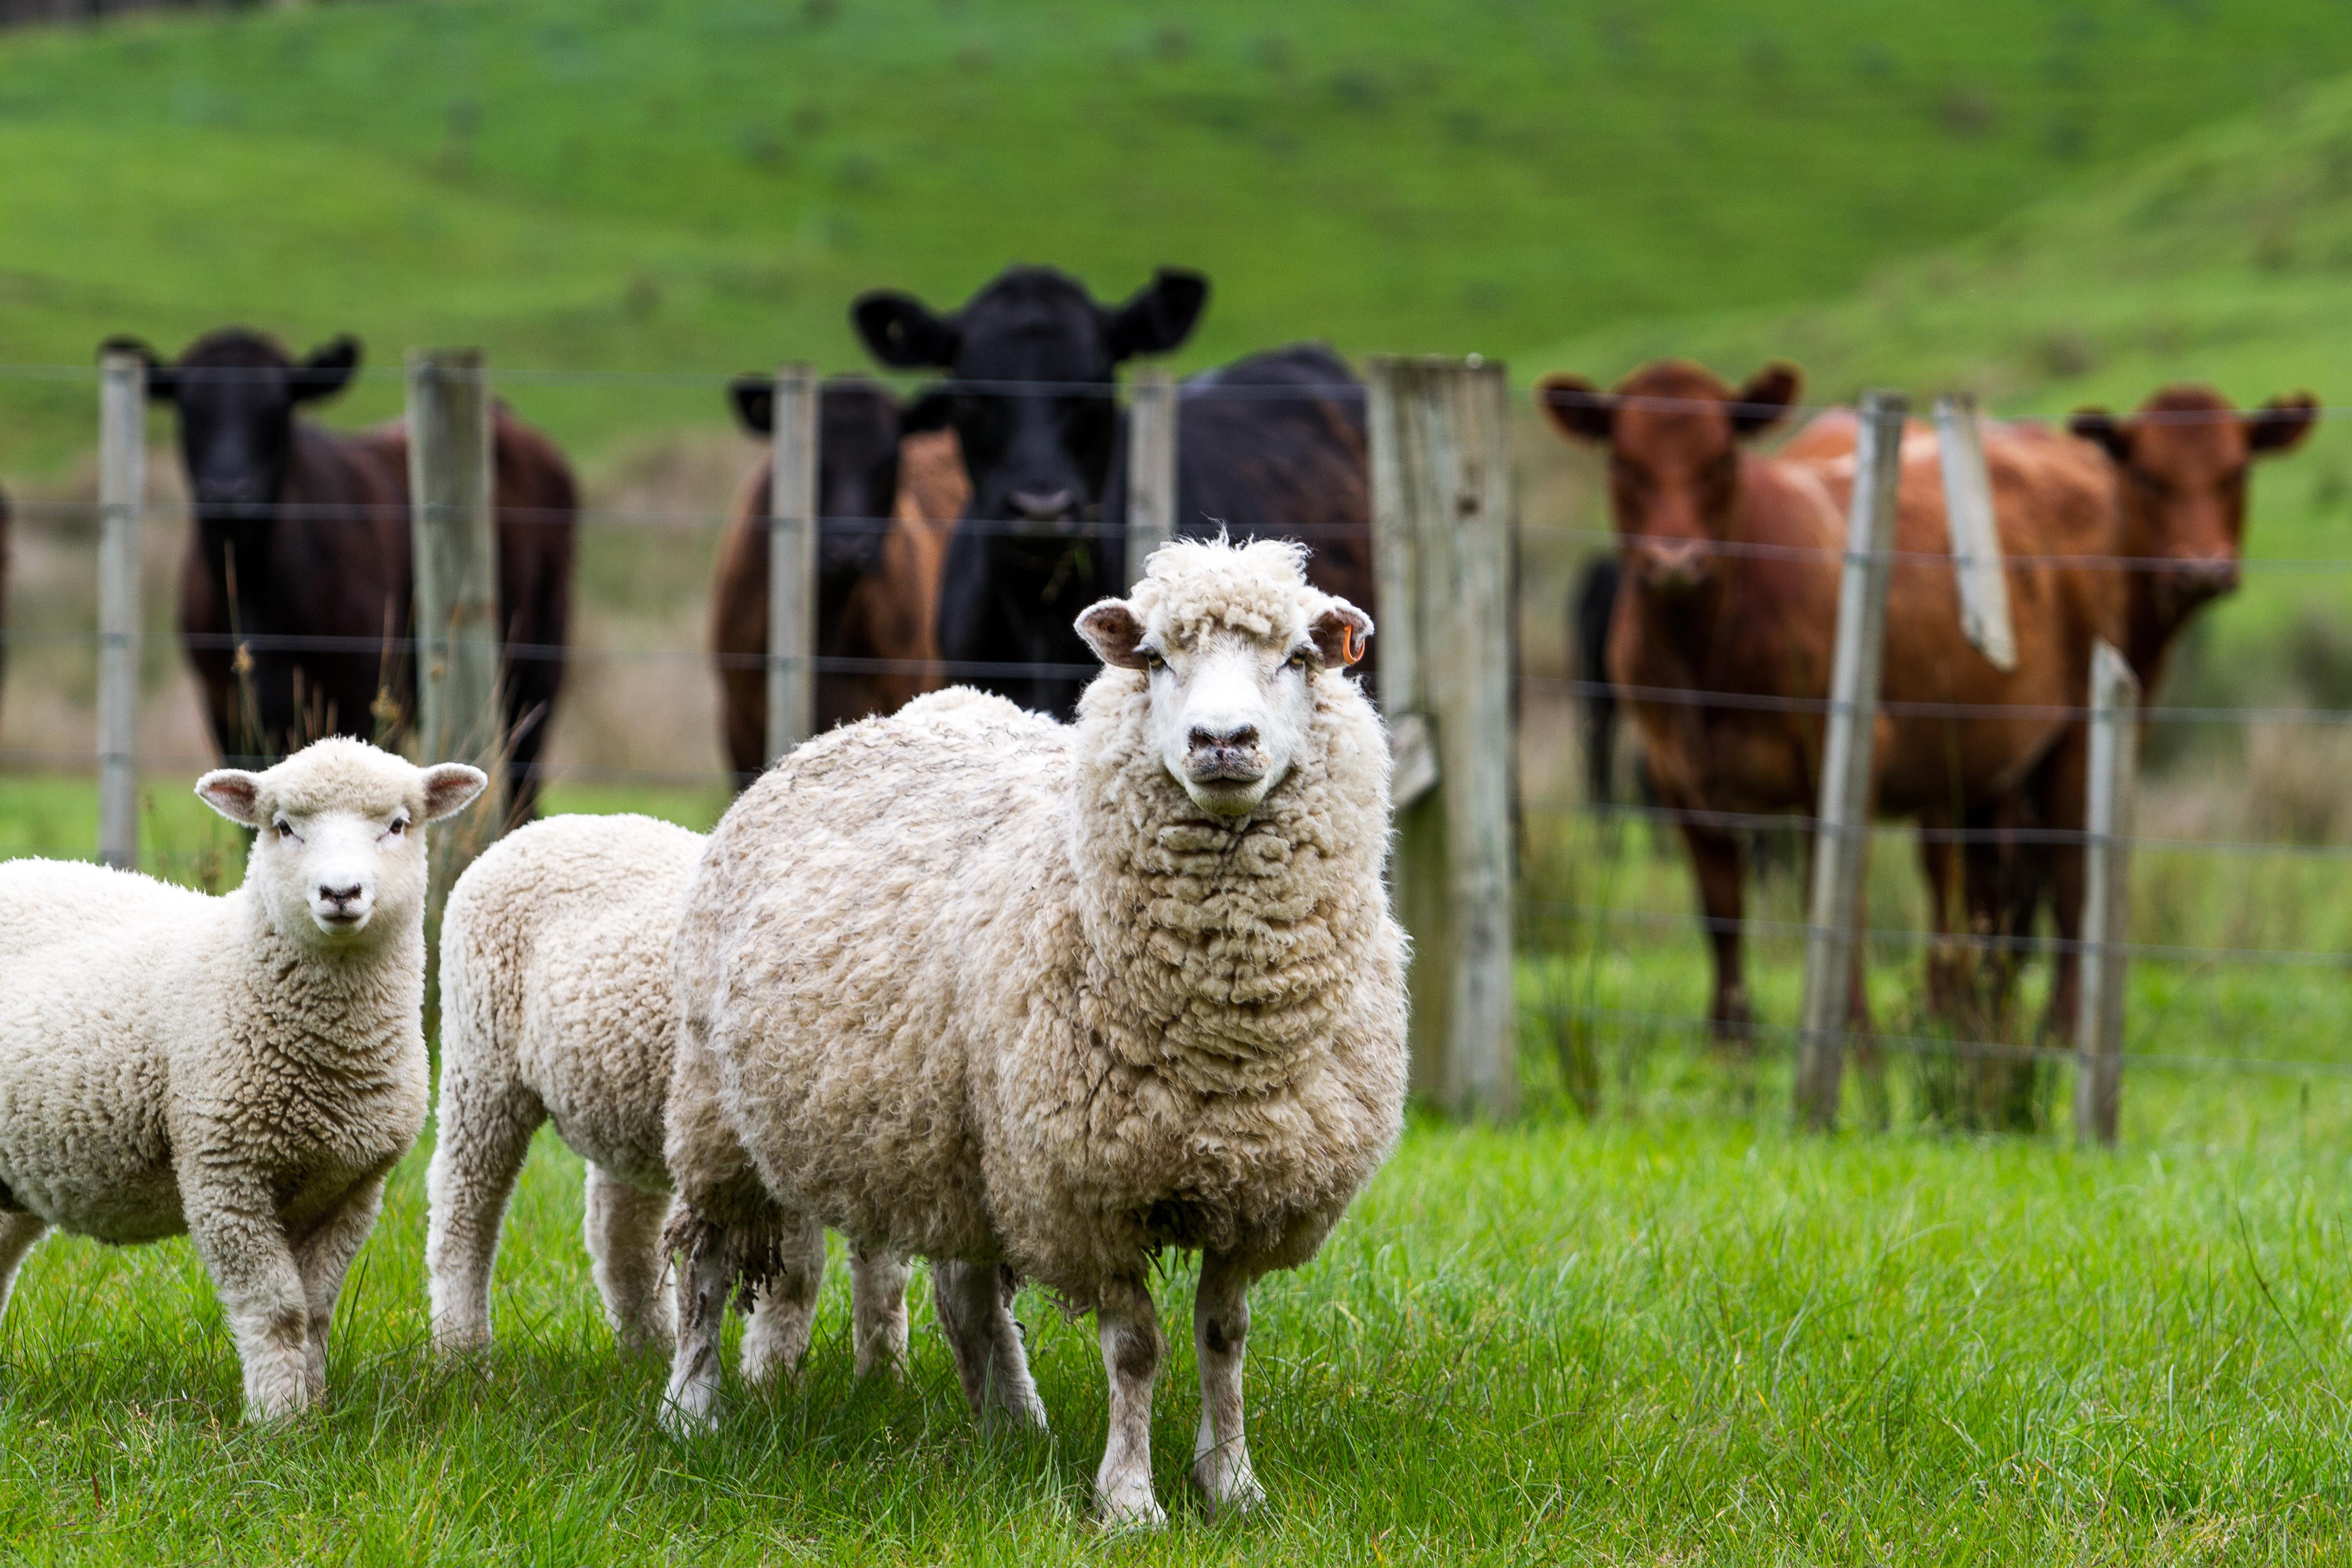 Babesios förekommer främst bland boskapsdjur, som kor och får, i mellersta delarna av landet